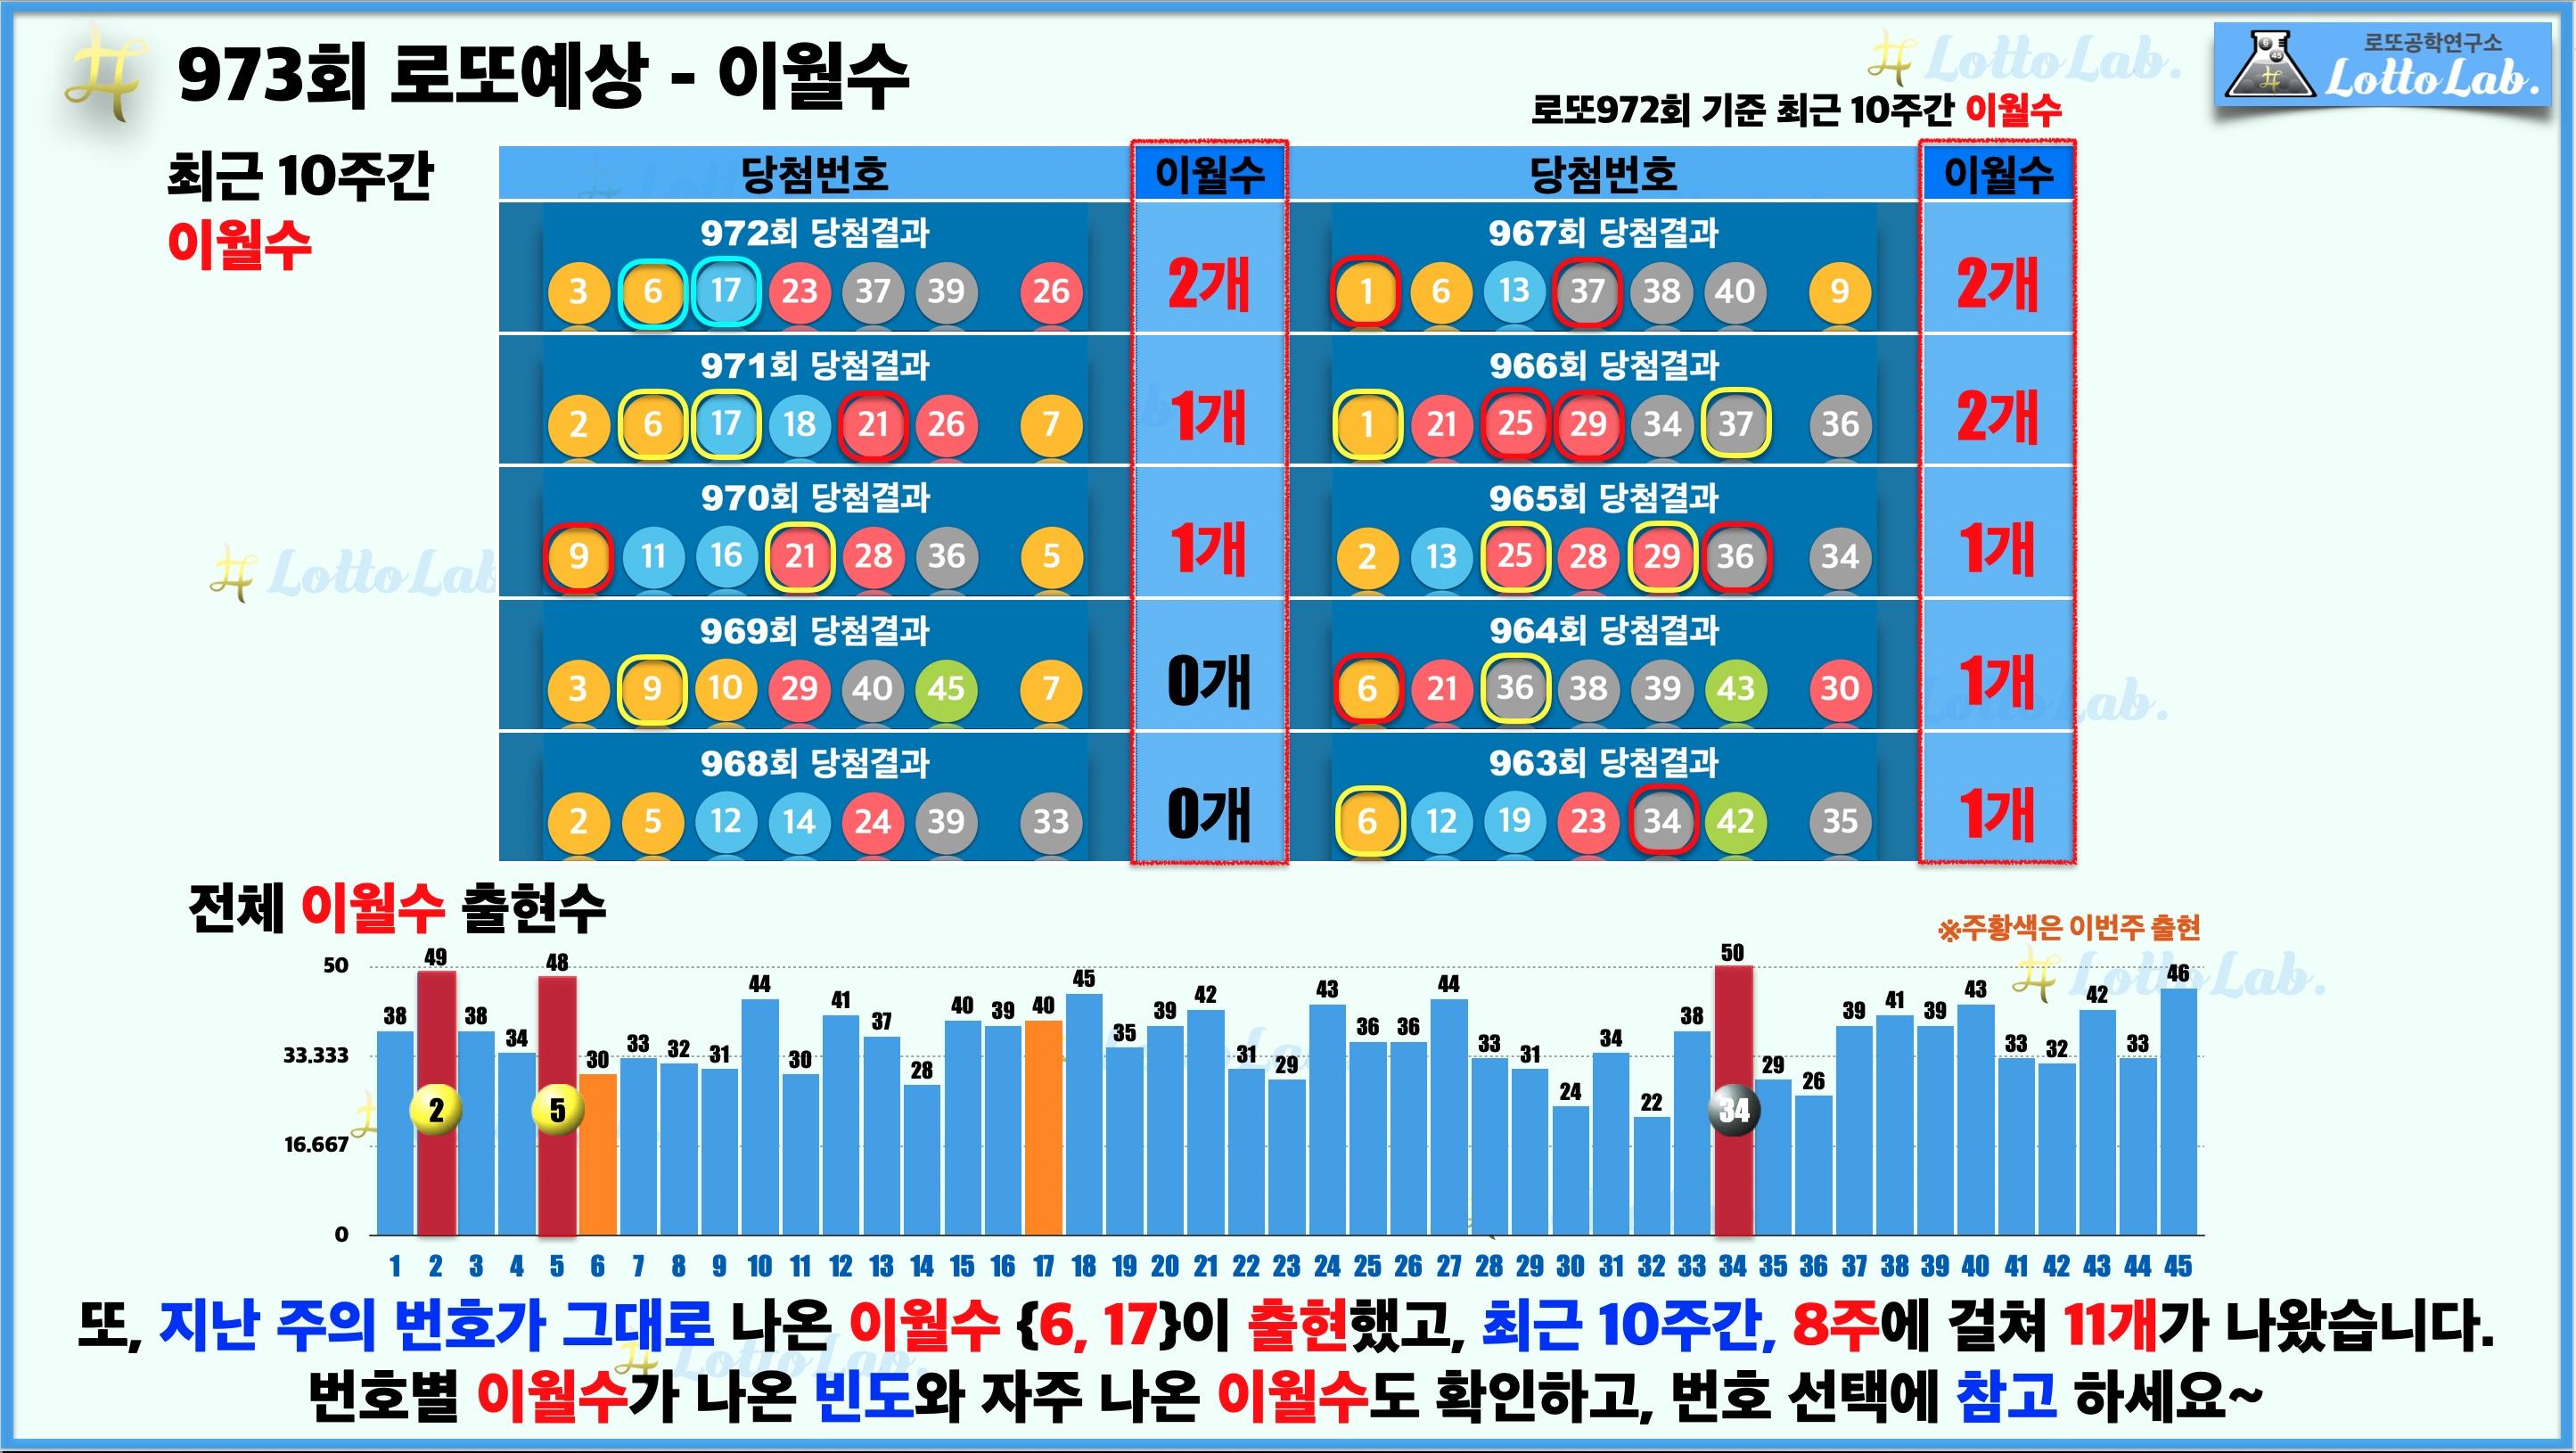 로또랩 로또973 당첨 번호 예상 이월수